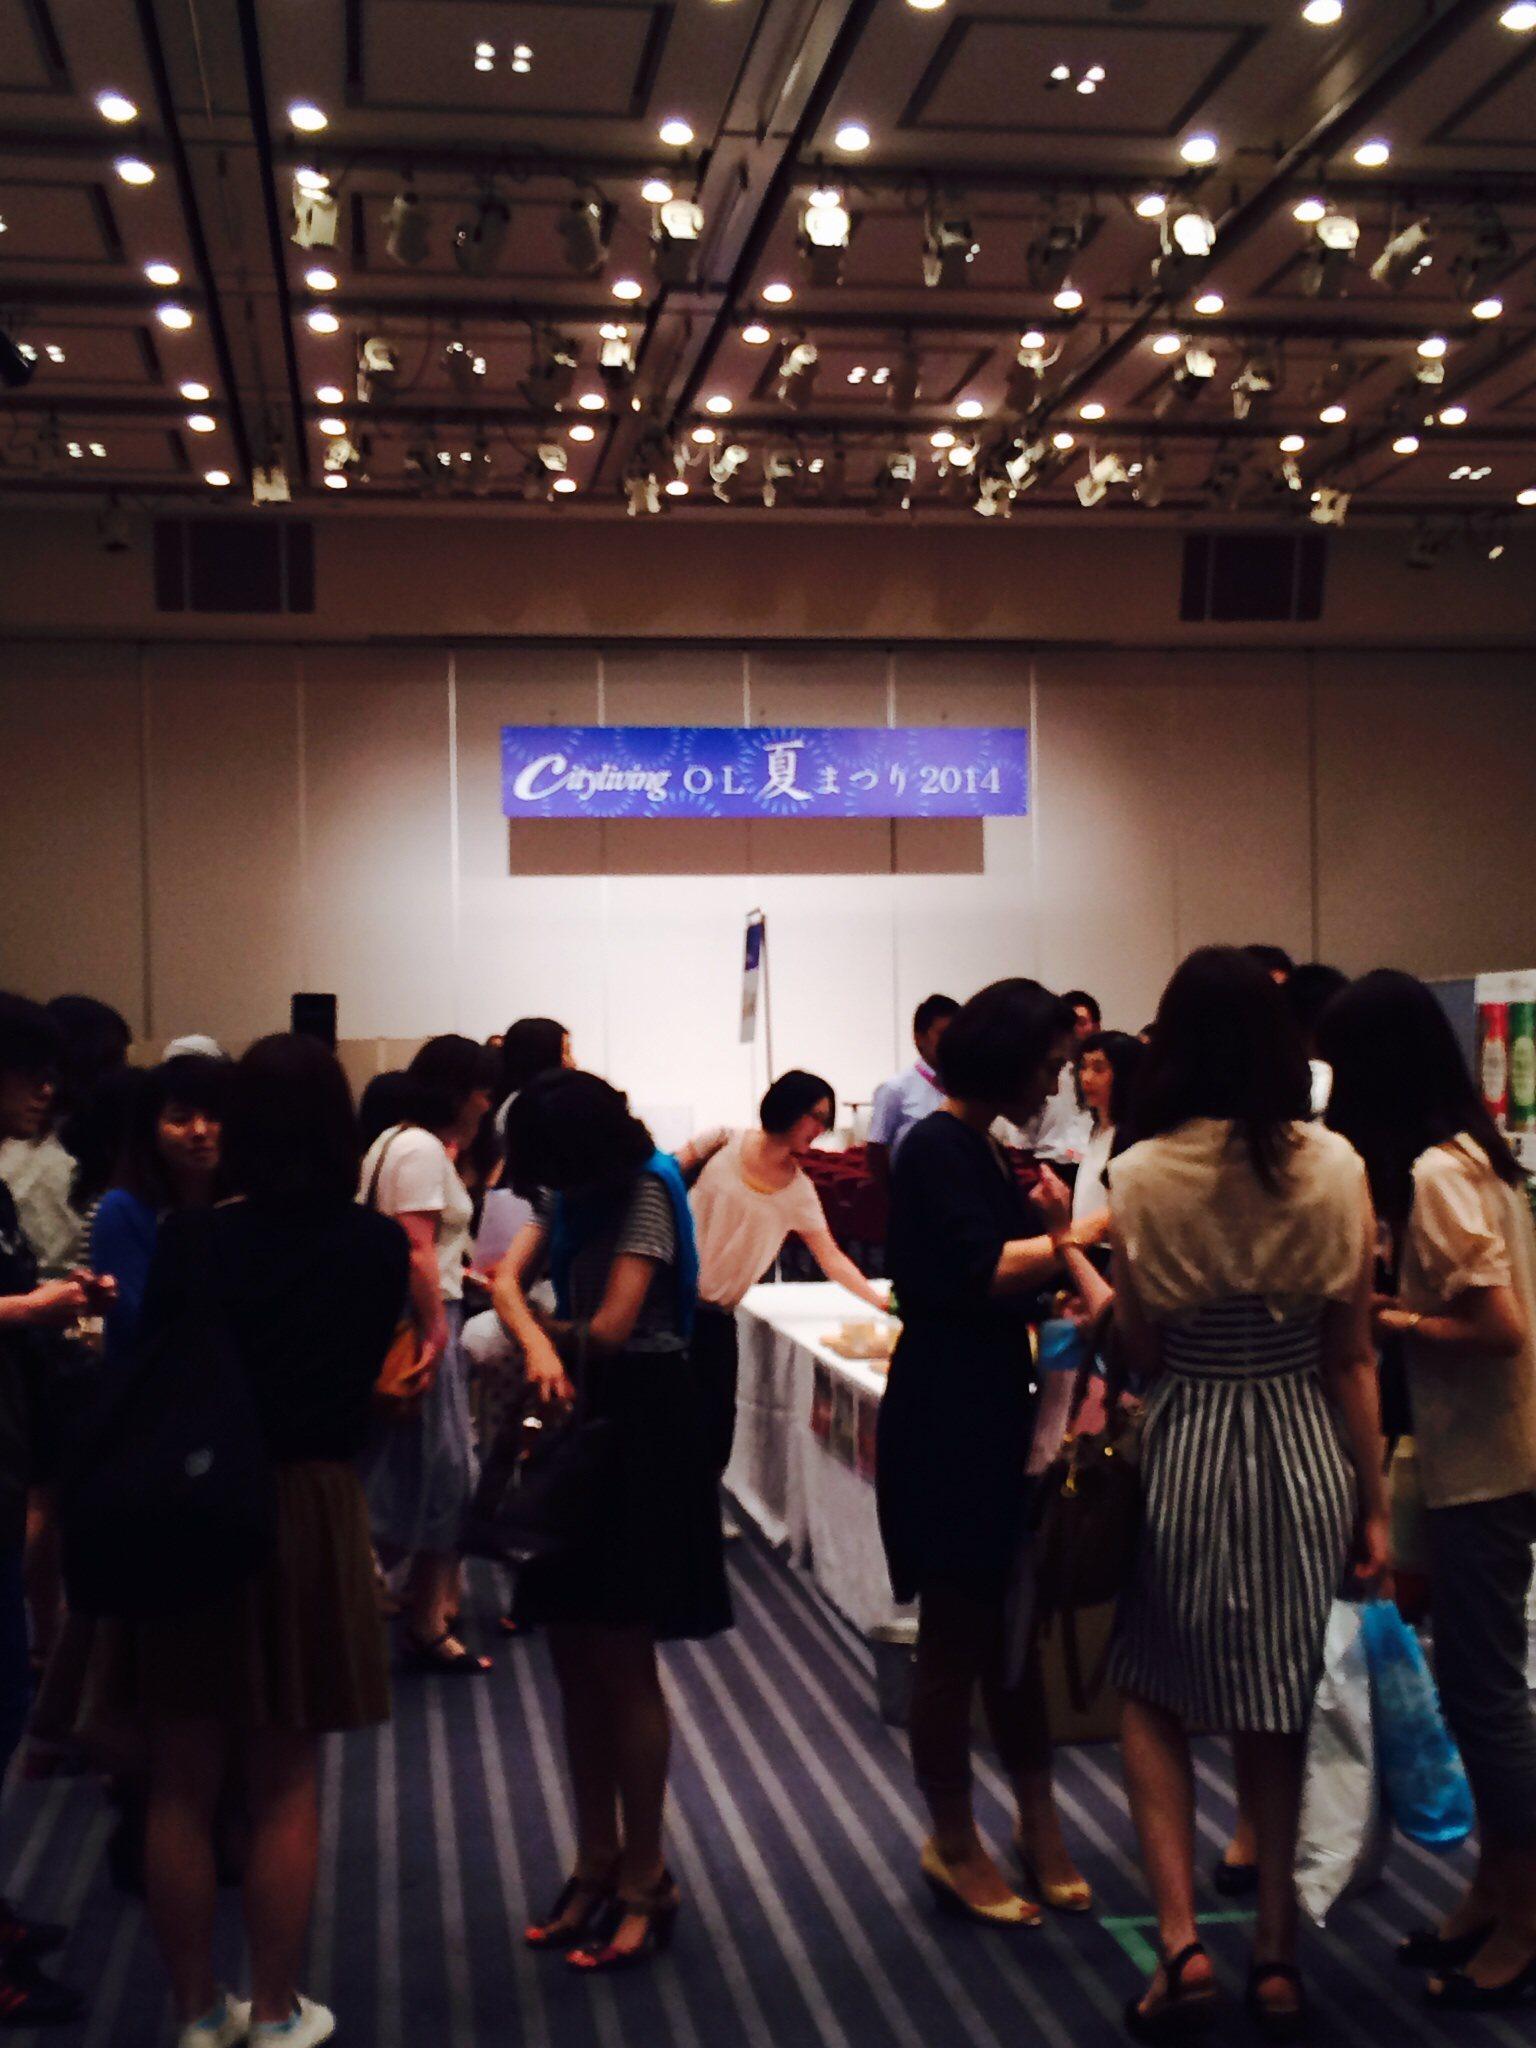 <福岡>OL夏祭り2014に行きました♡